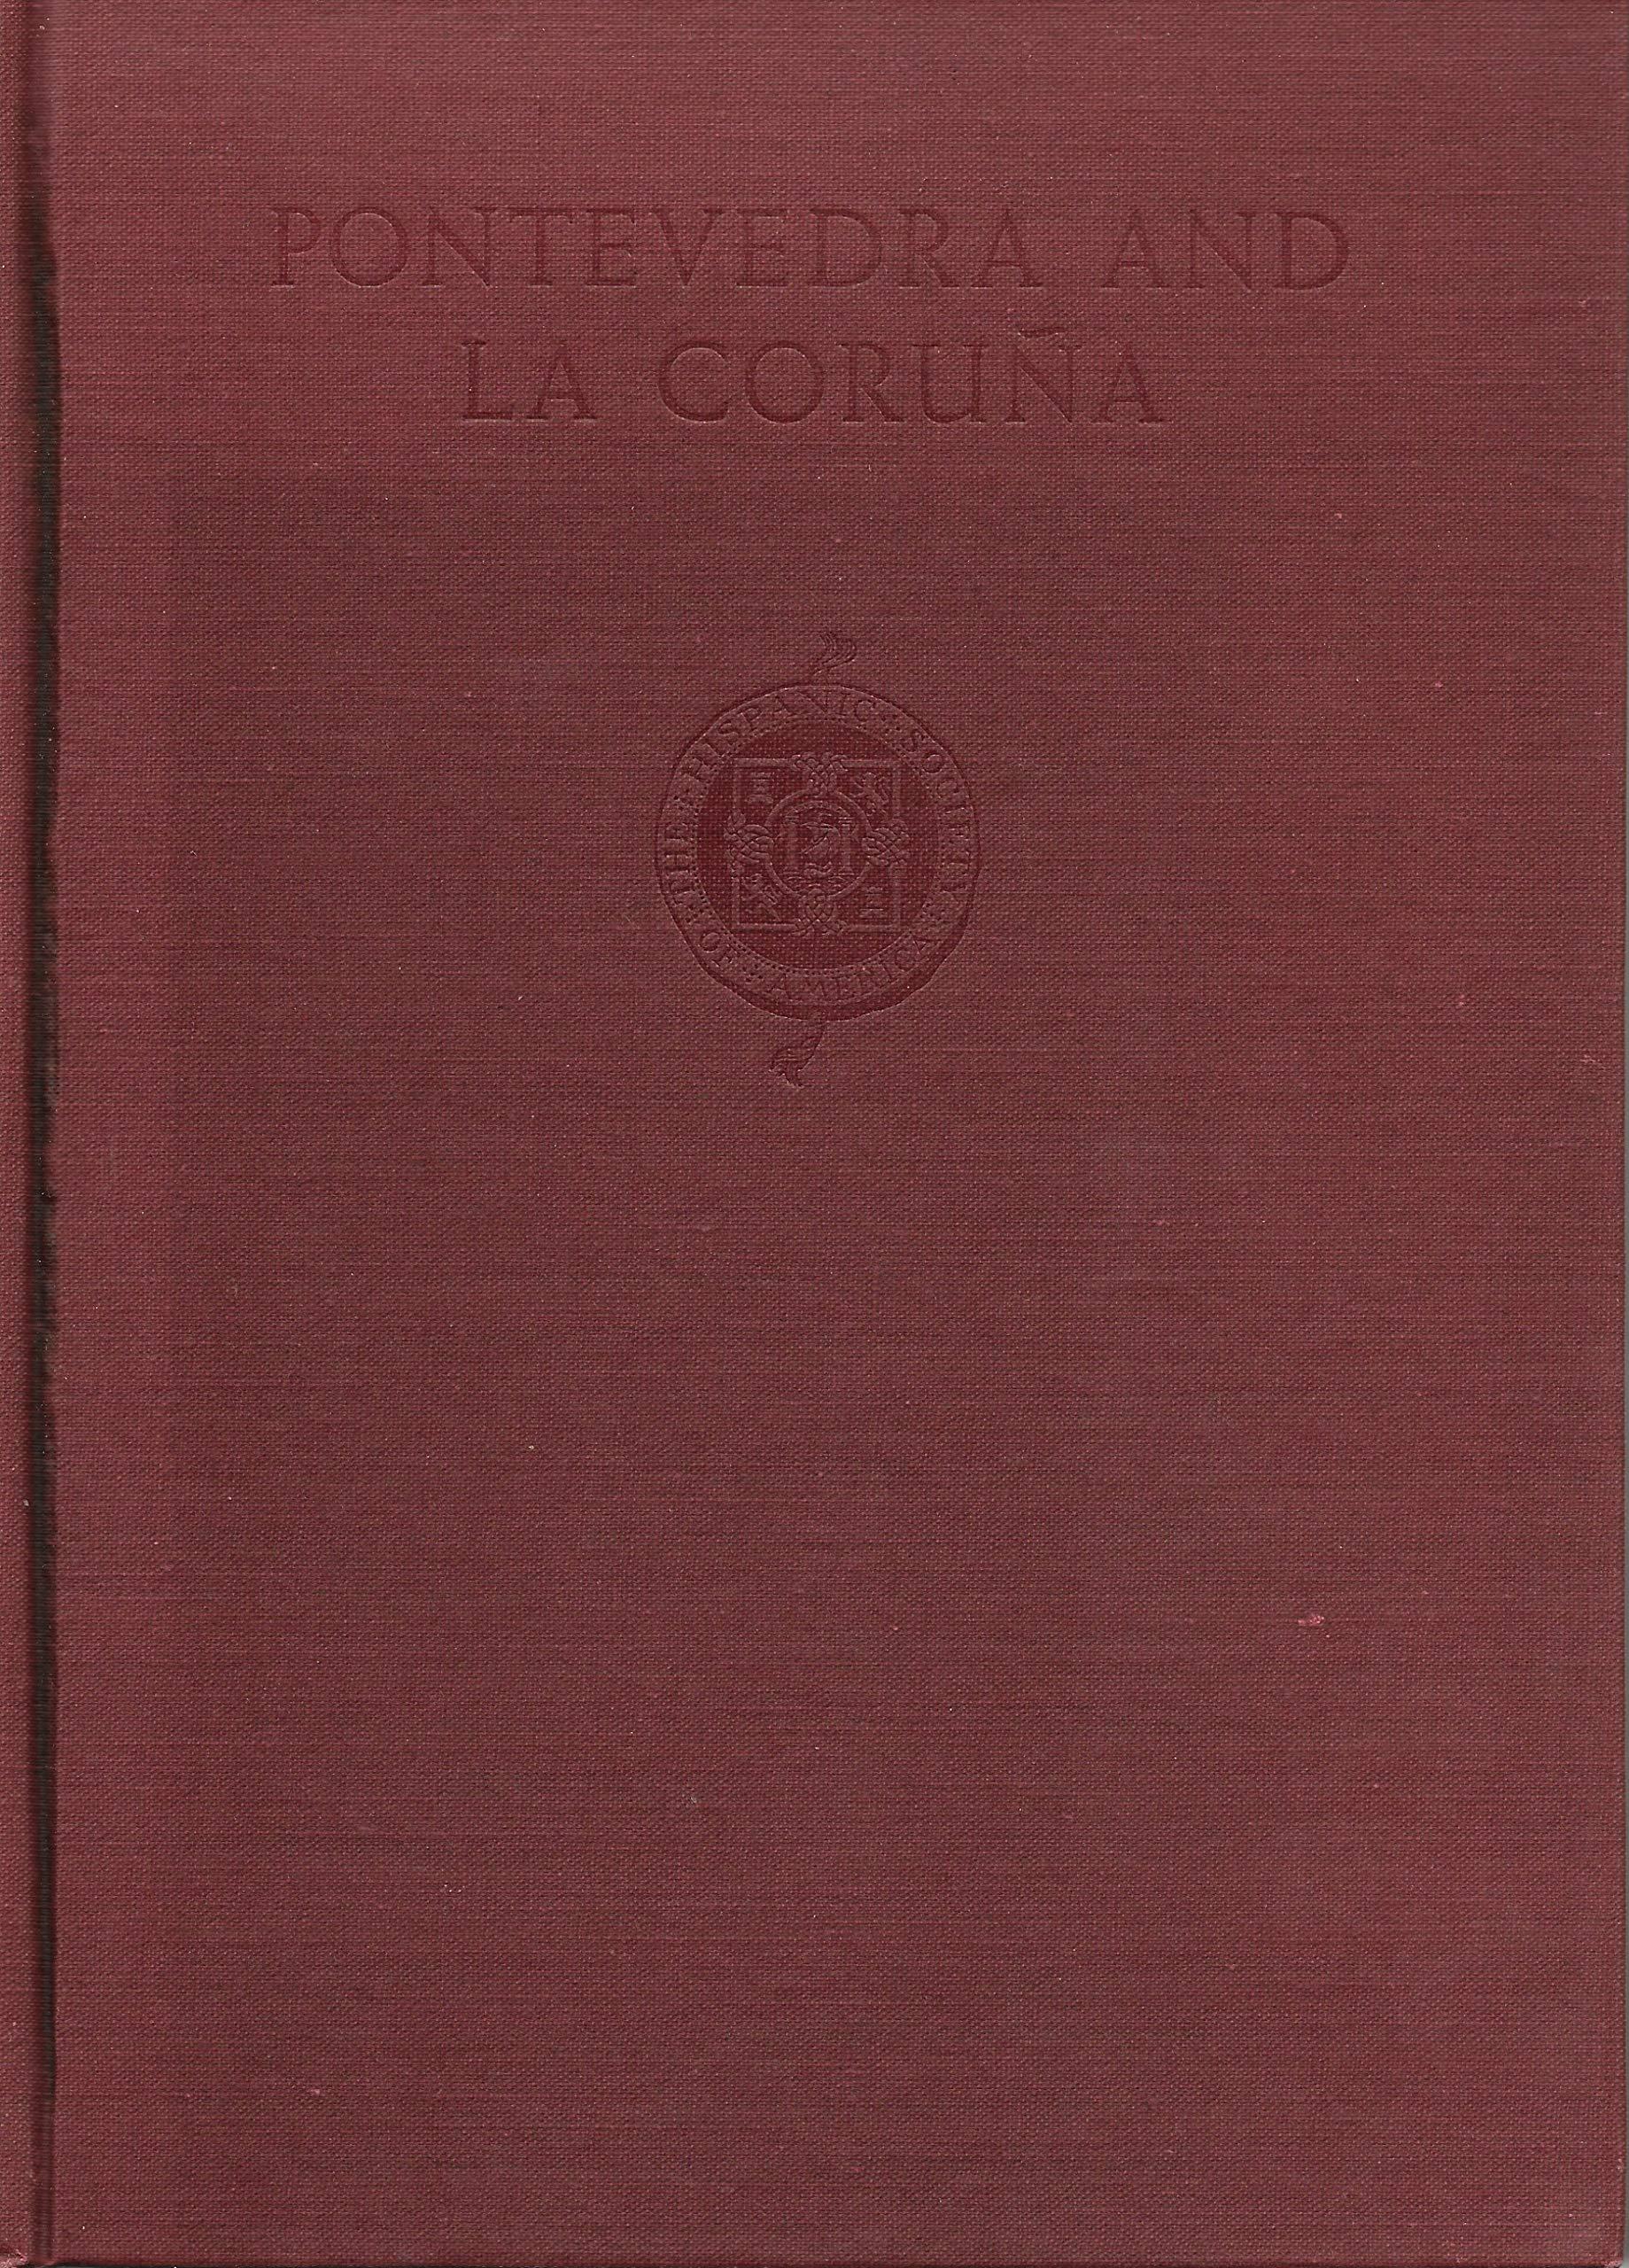 Gallegan Provinces of Spain: Pontevedra and LA Coruna Idioma ...